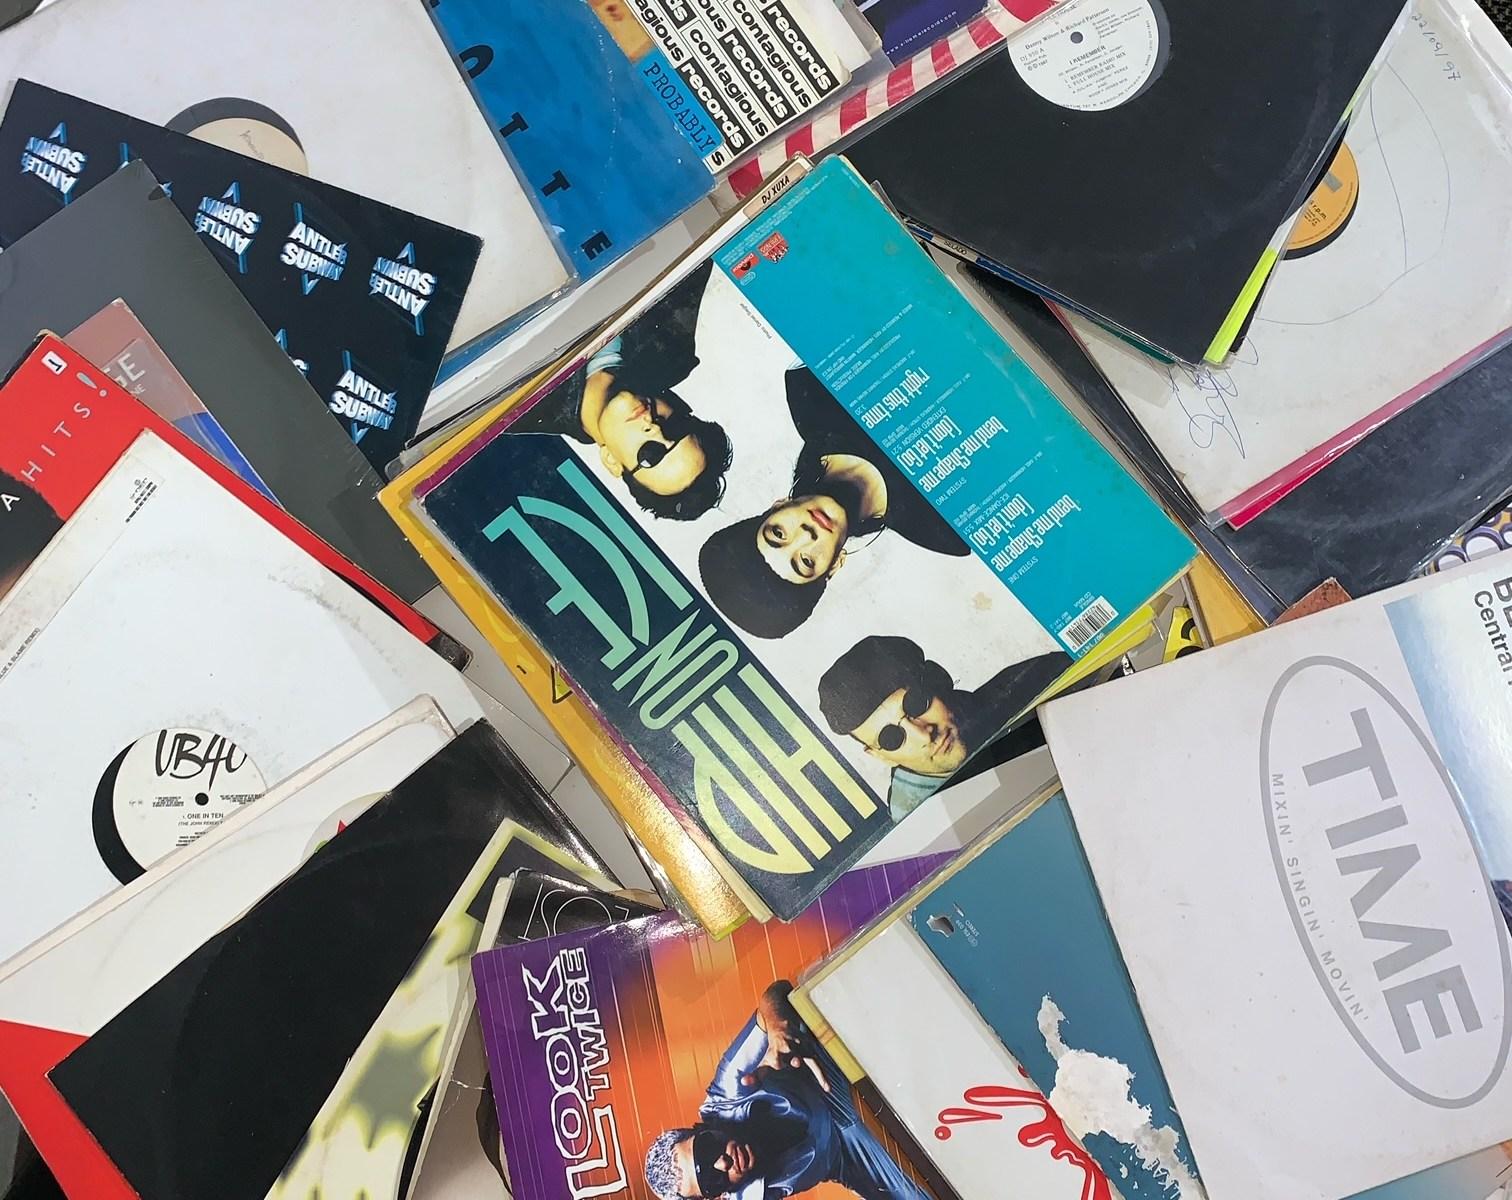 Lote de discos de vinil usados